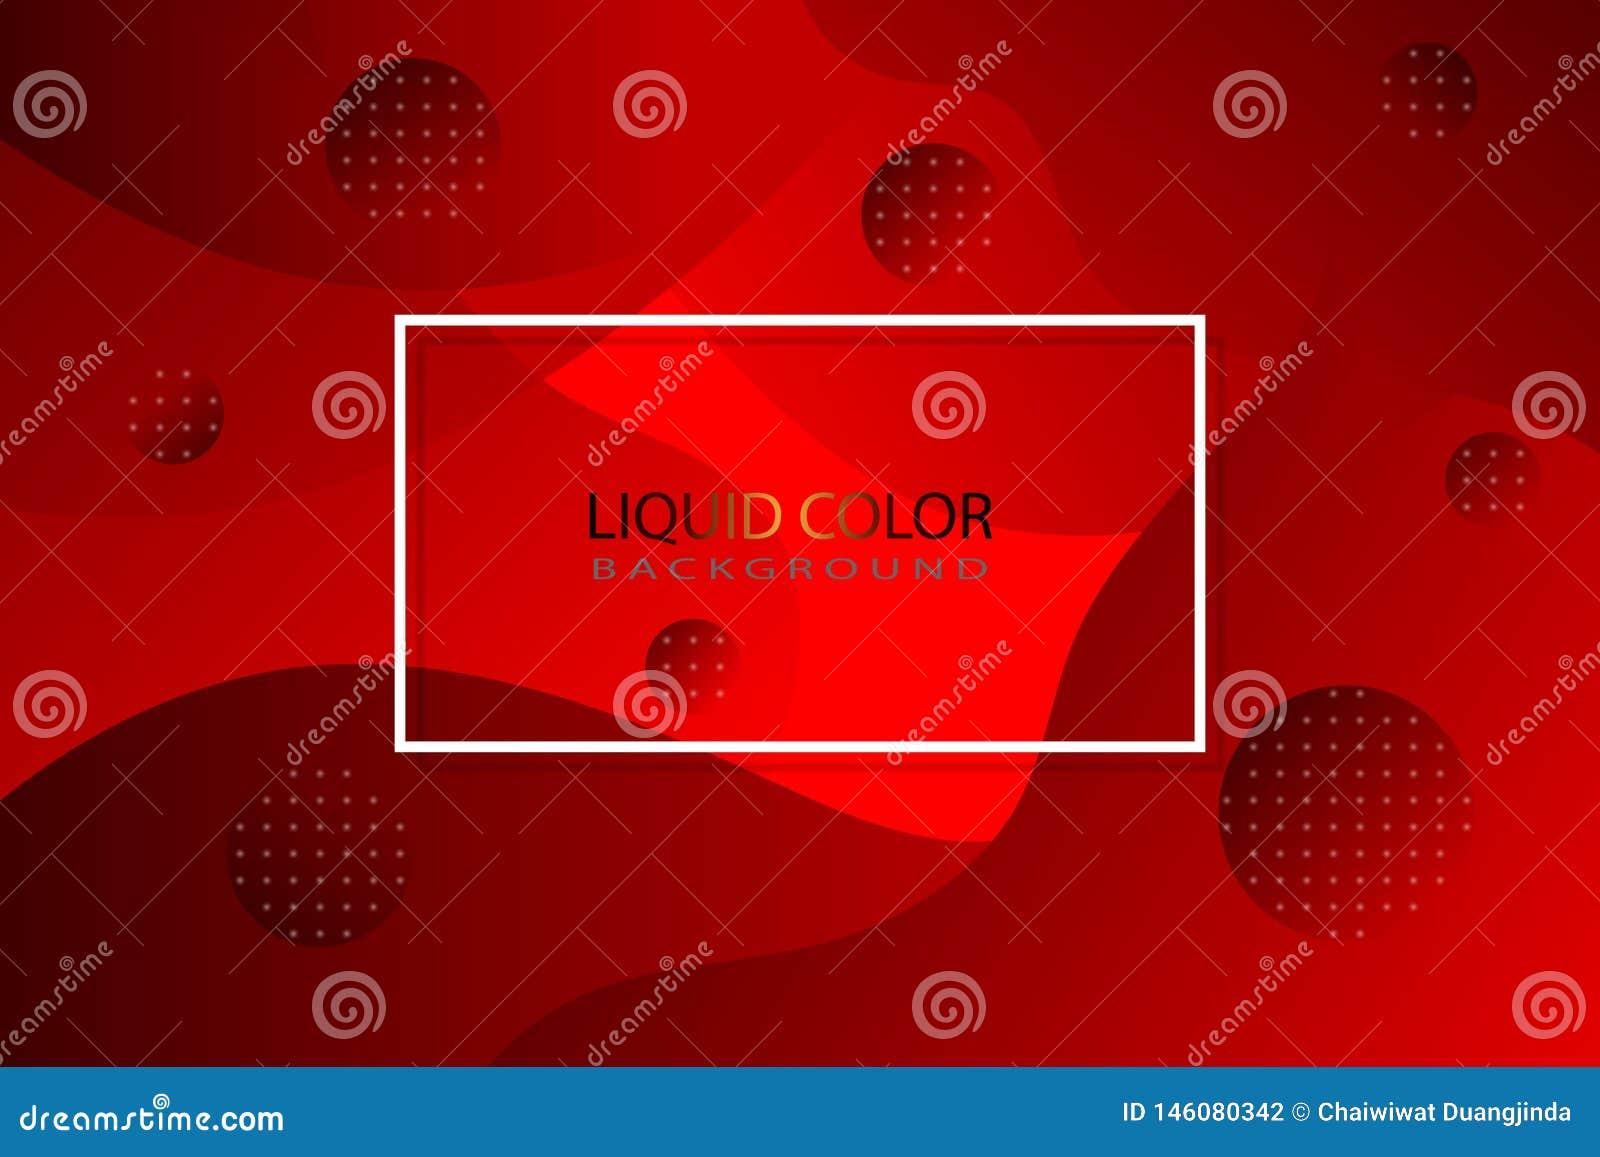 Rote flüssige Farbe als Hintergrund